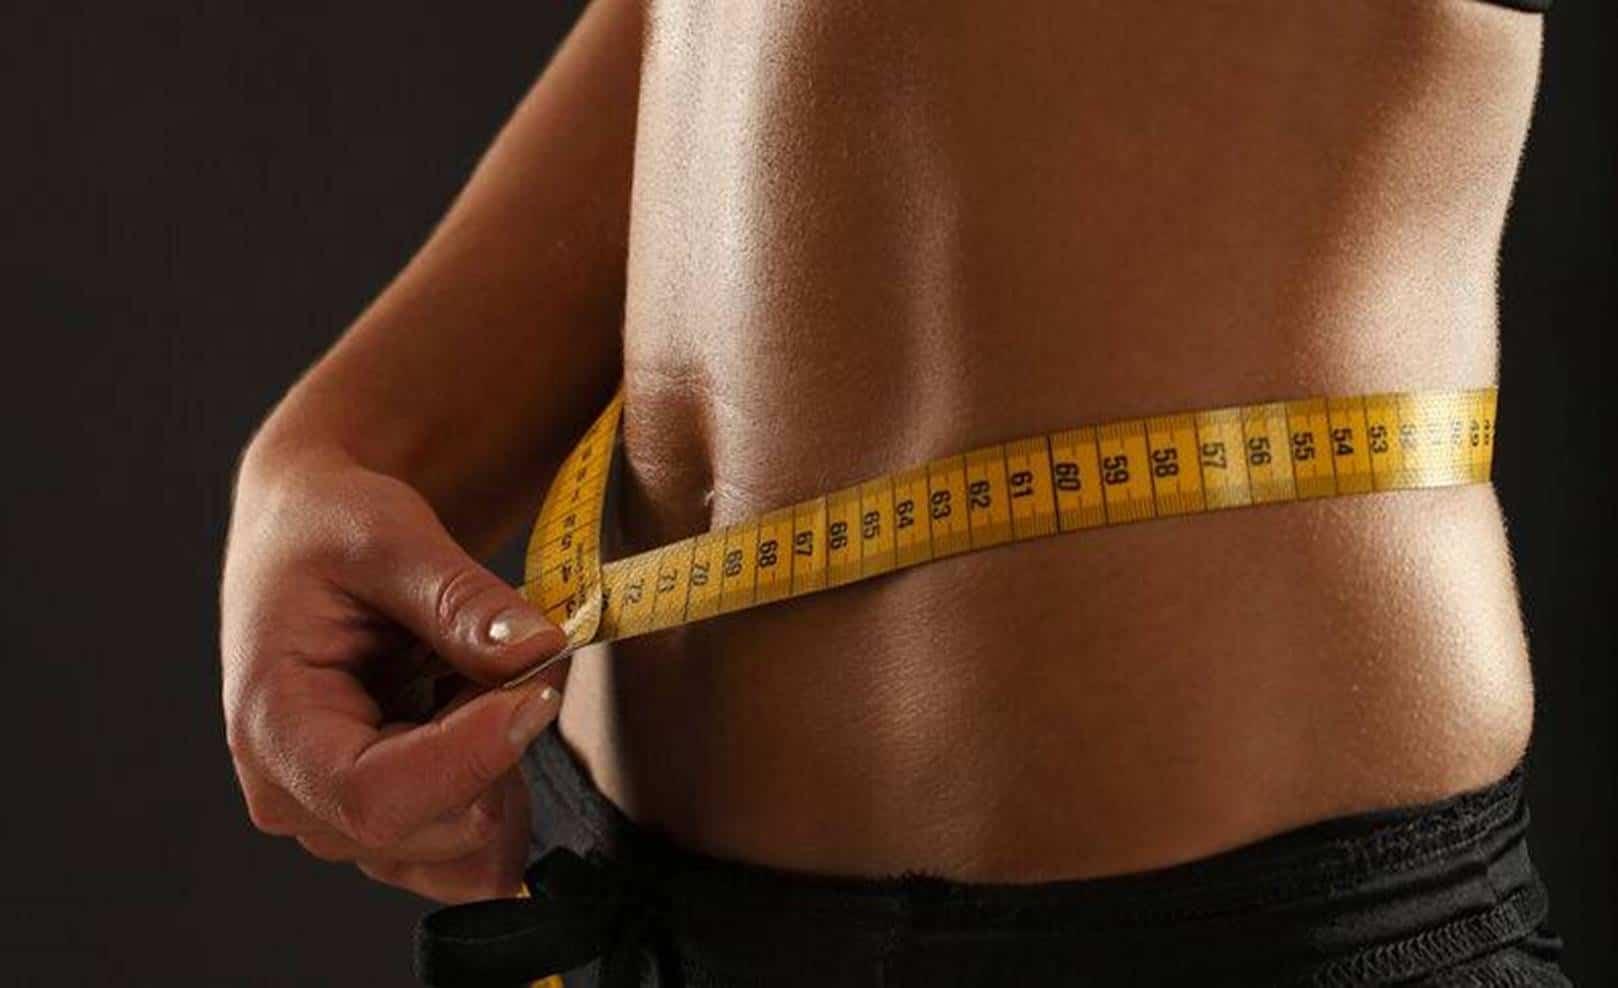 Emagrecer? Dieta dinamarquesa faz perder peso rápido